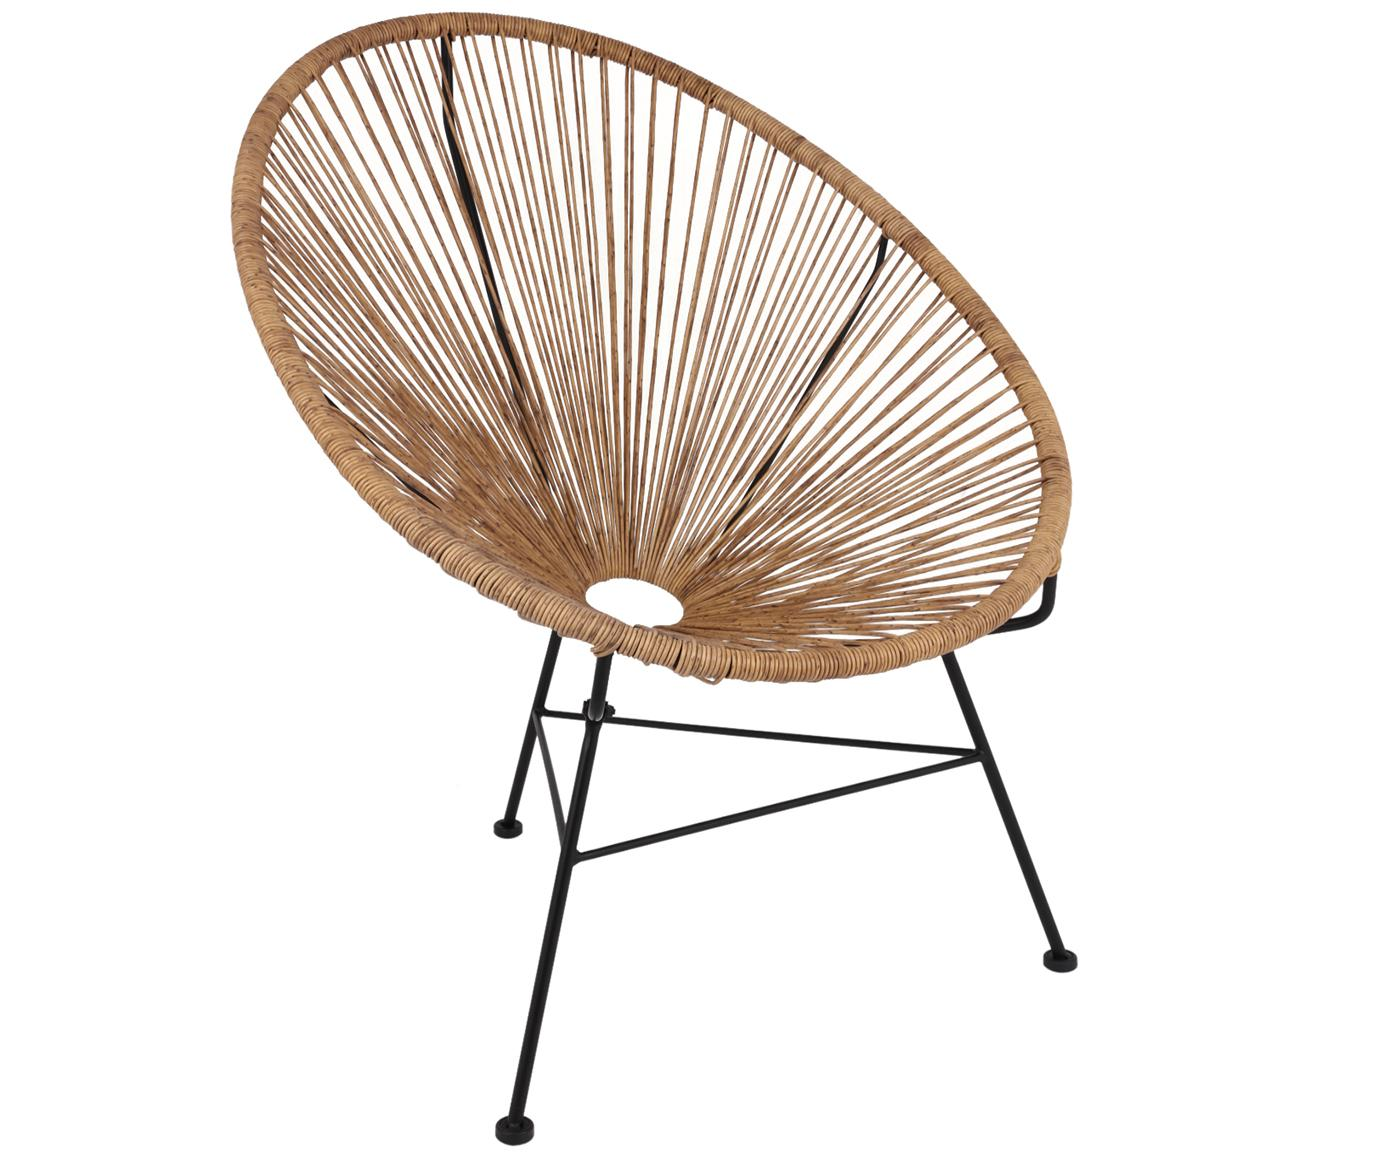 Fotel wypoczynkowy Bahia, Stelaż: metal malowany proszkowo, Tworzywo sztuczne: beżowy Stelaż: czarny, S 81 x G 73 cm